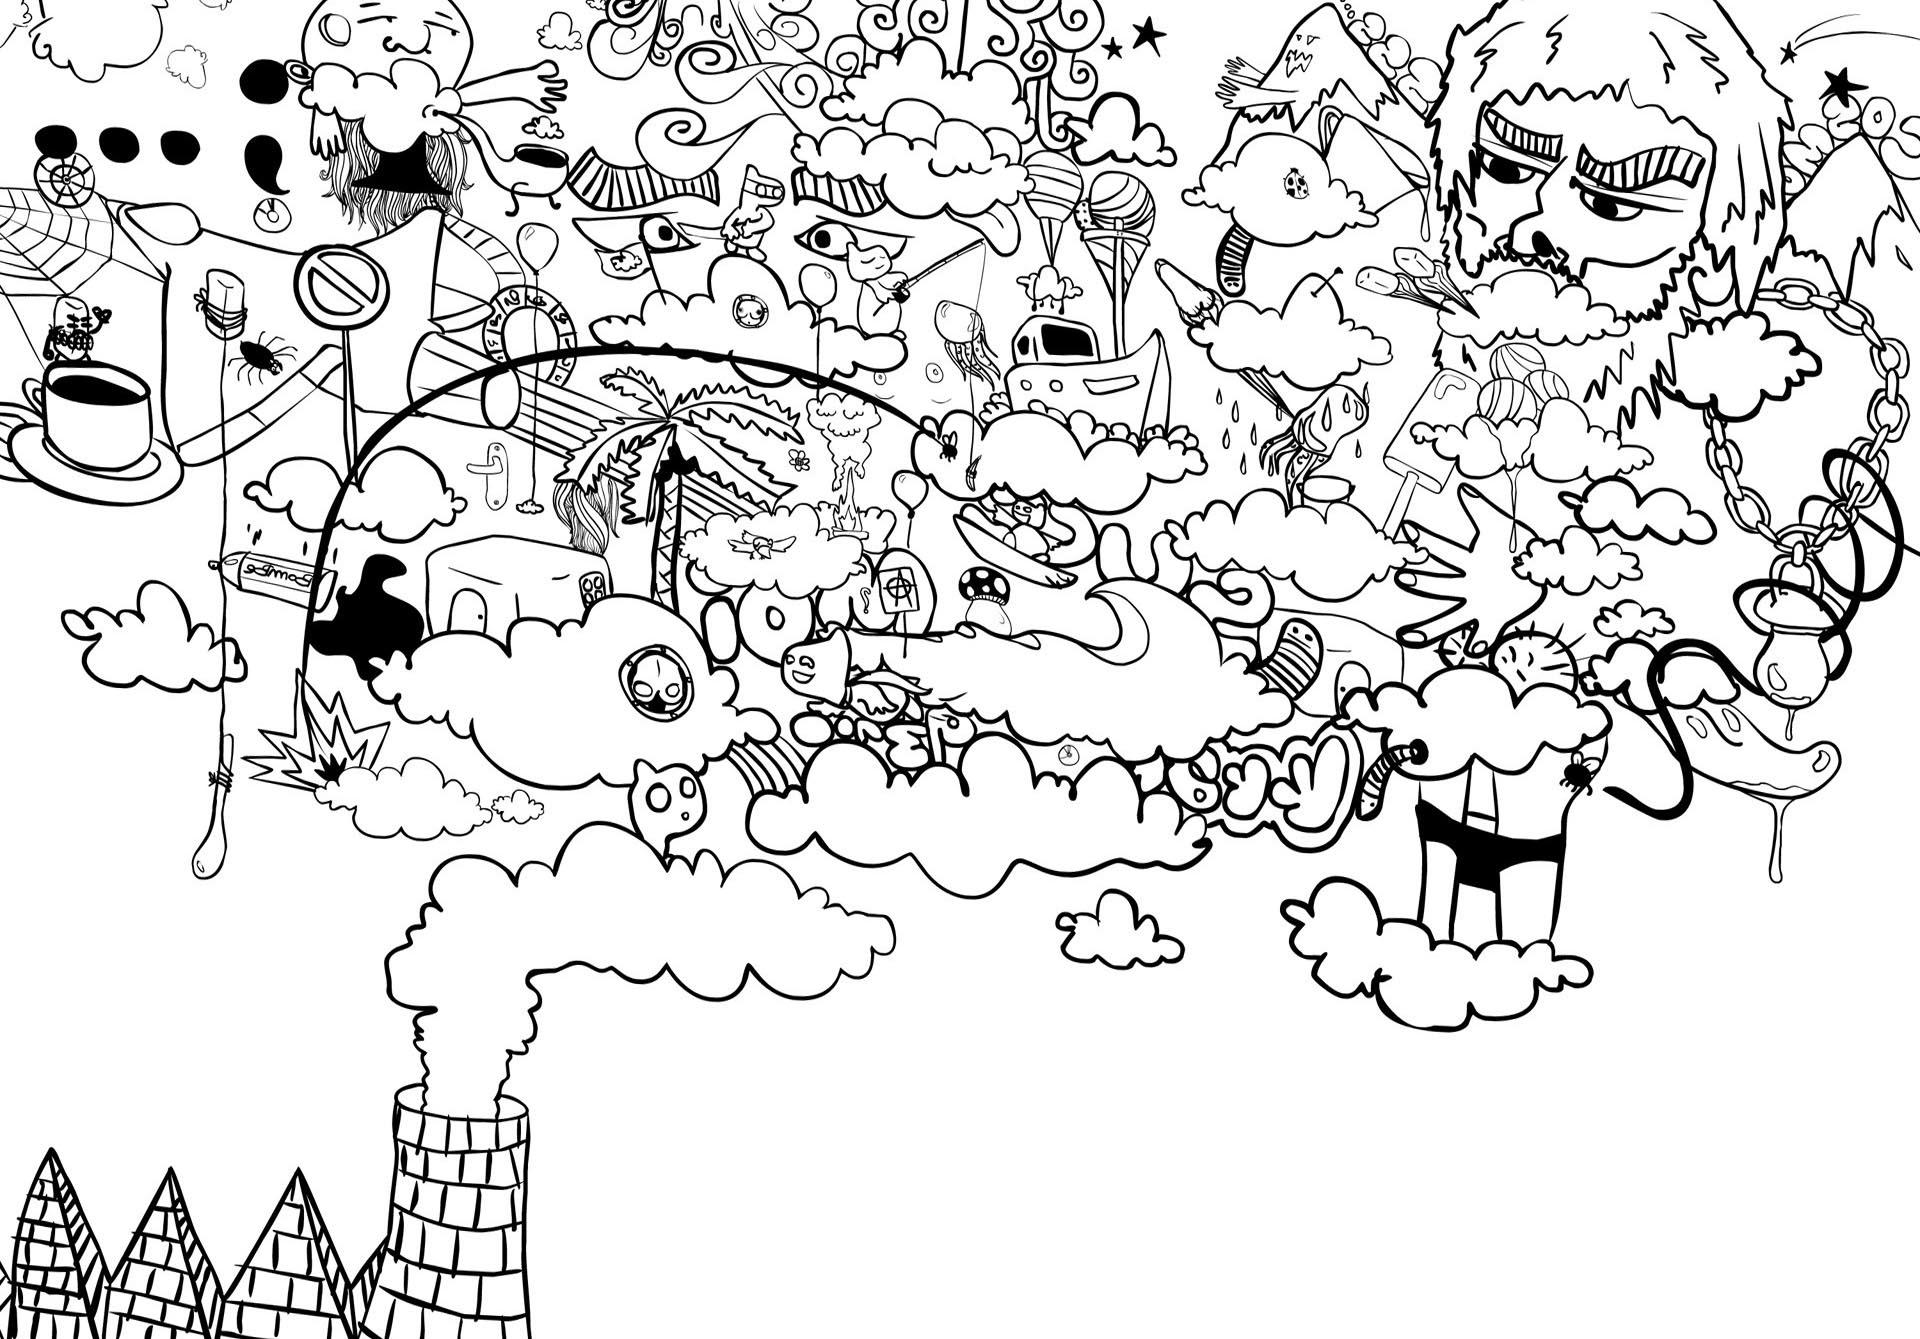 Wallpaper ilustrasi satu warna karya seni teks garis seni gambar kartun pola kepala karakter film SENI pohon daerah titik Desain